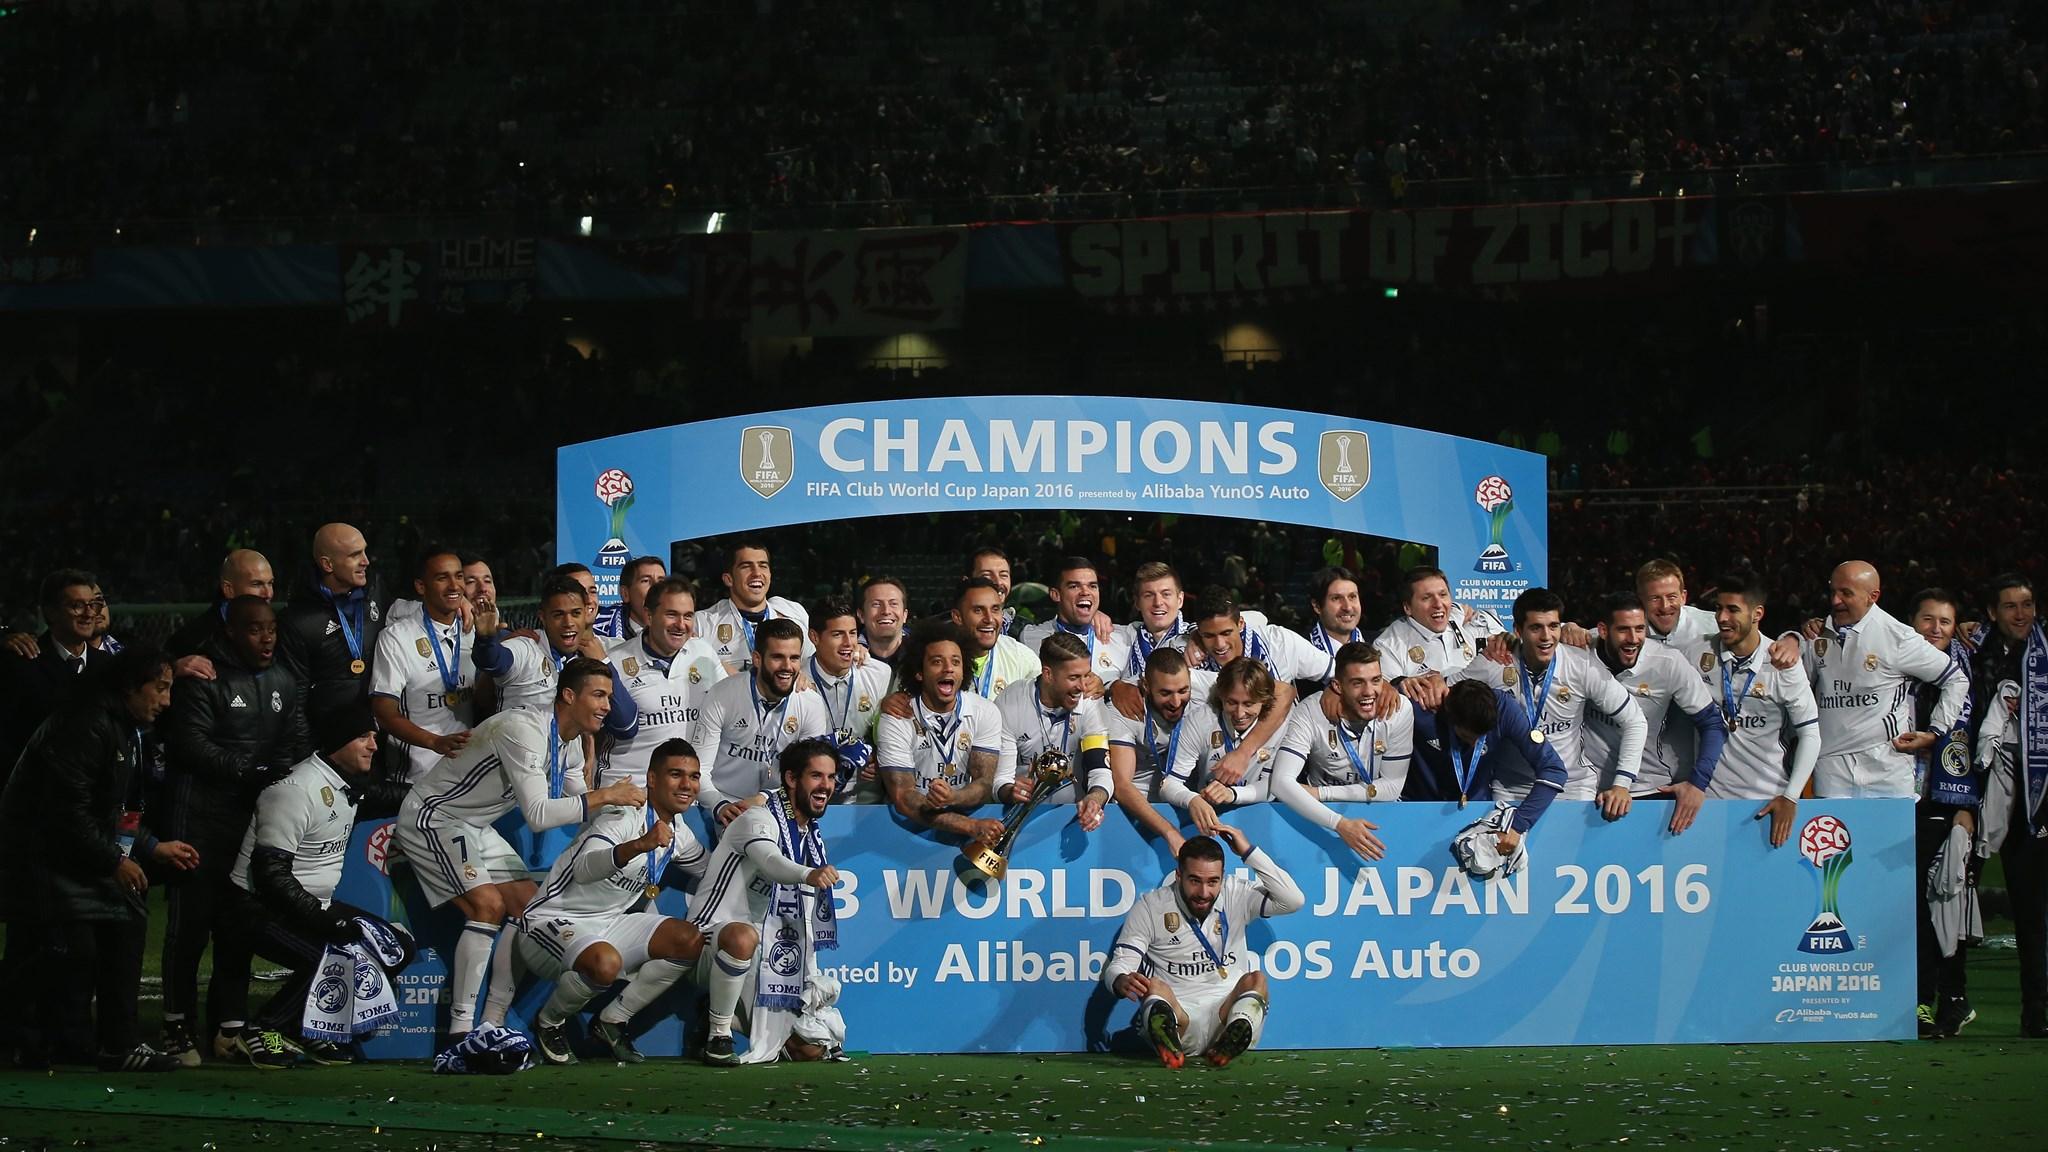 Real Madrid na conquista do Mundial de Clubes da FIFA de 2016